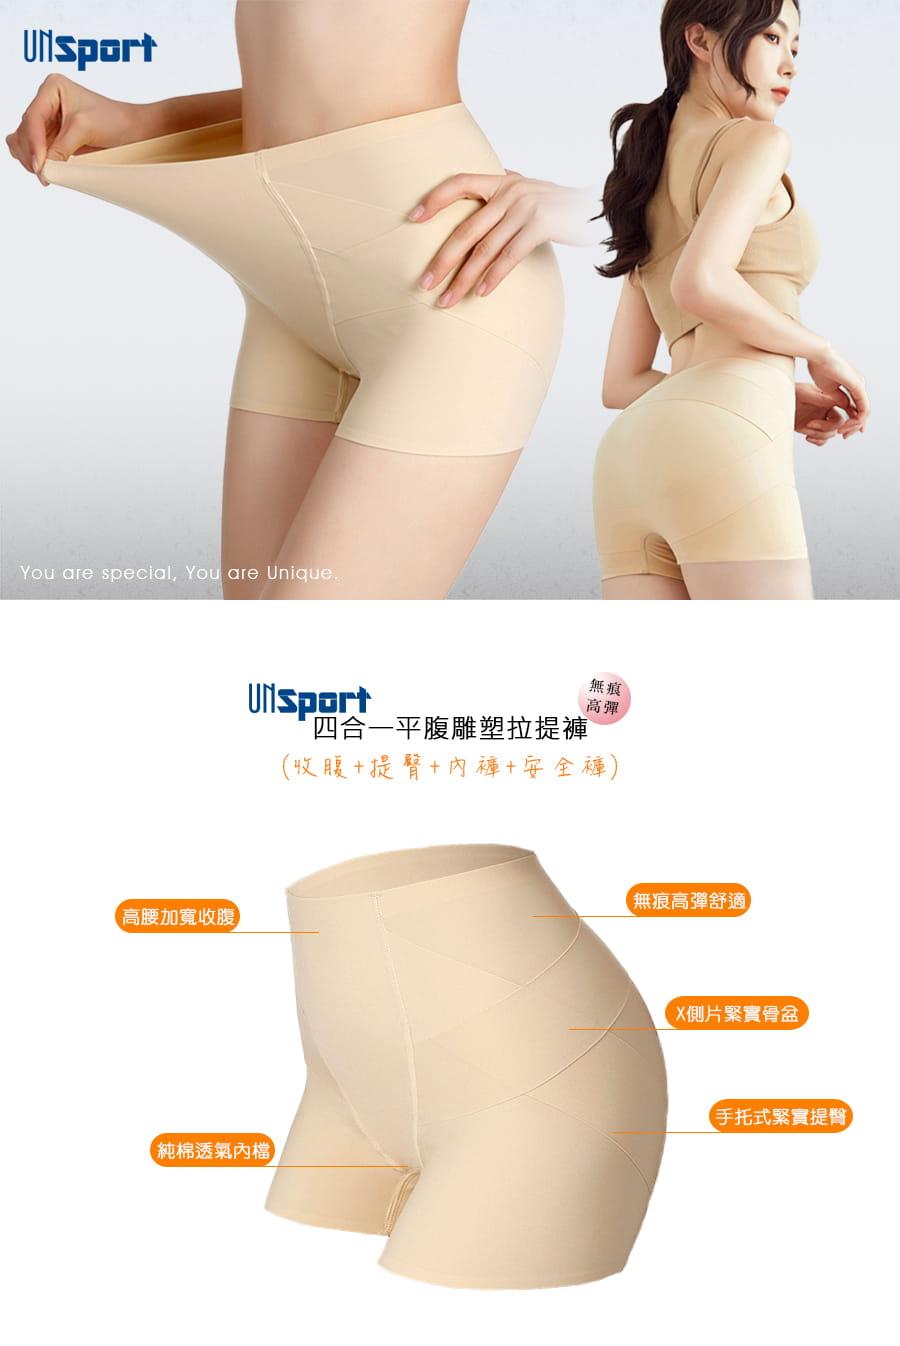 【Un-Sport高機能】四合一平腹雕塑拉提褲(收腹+提臀+內褲+安全褲) 1